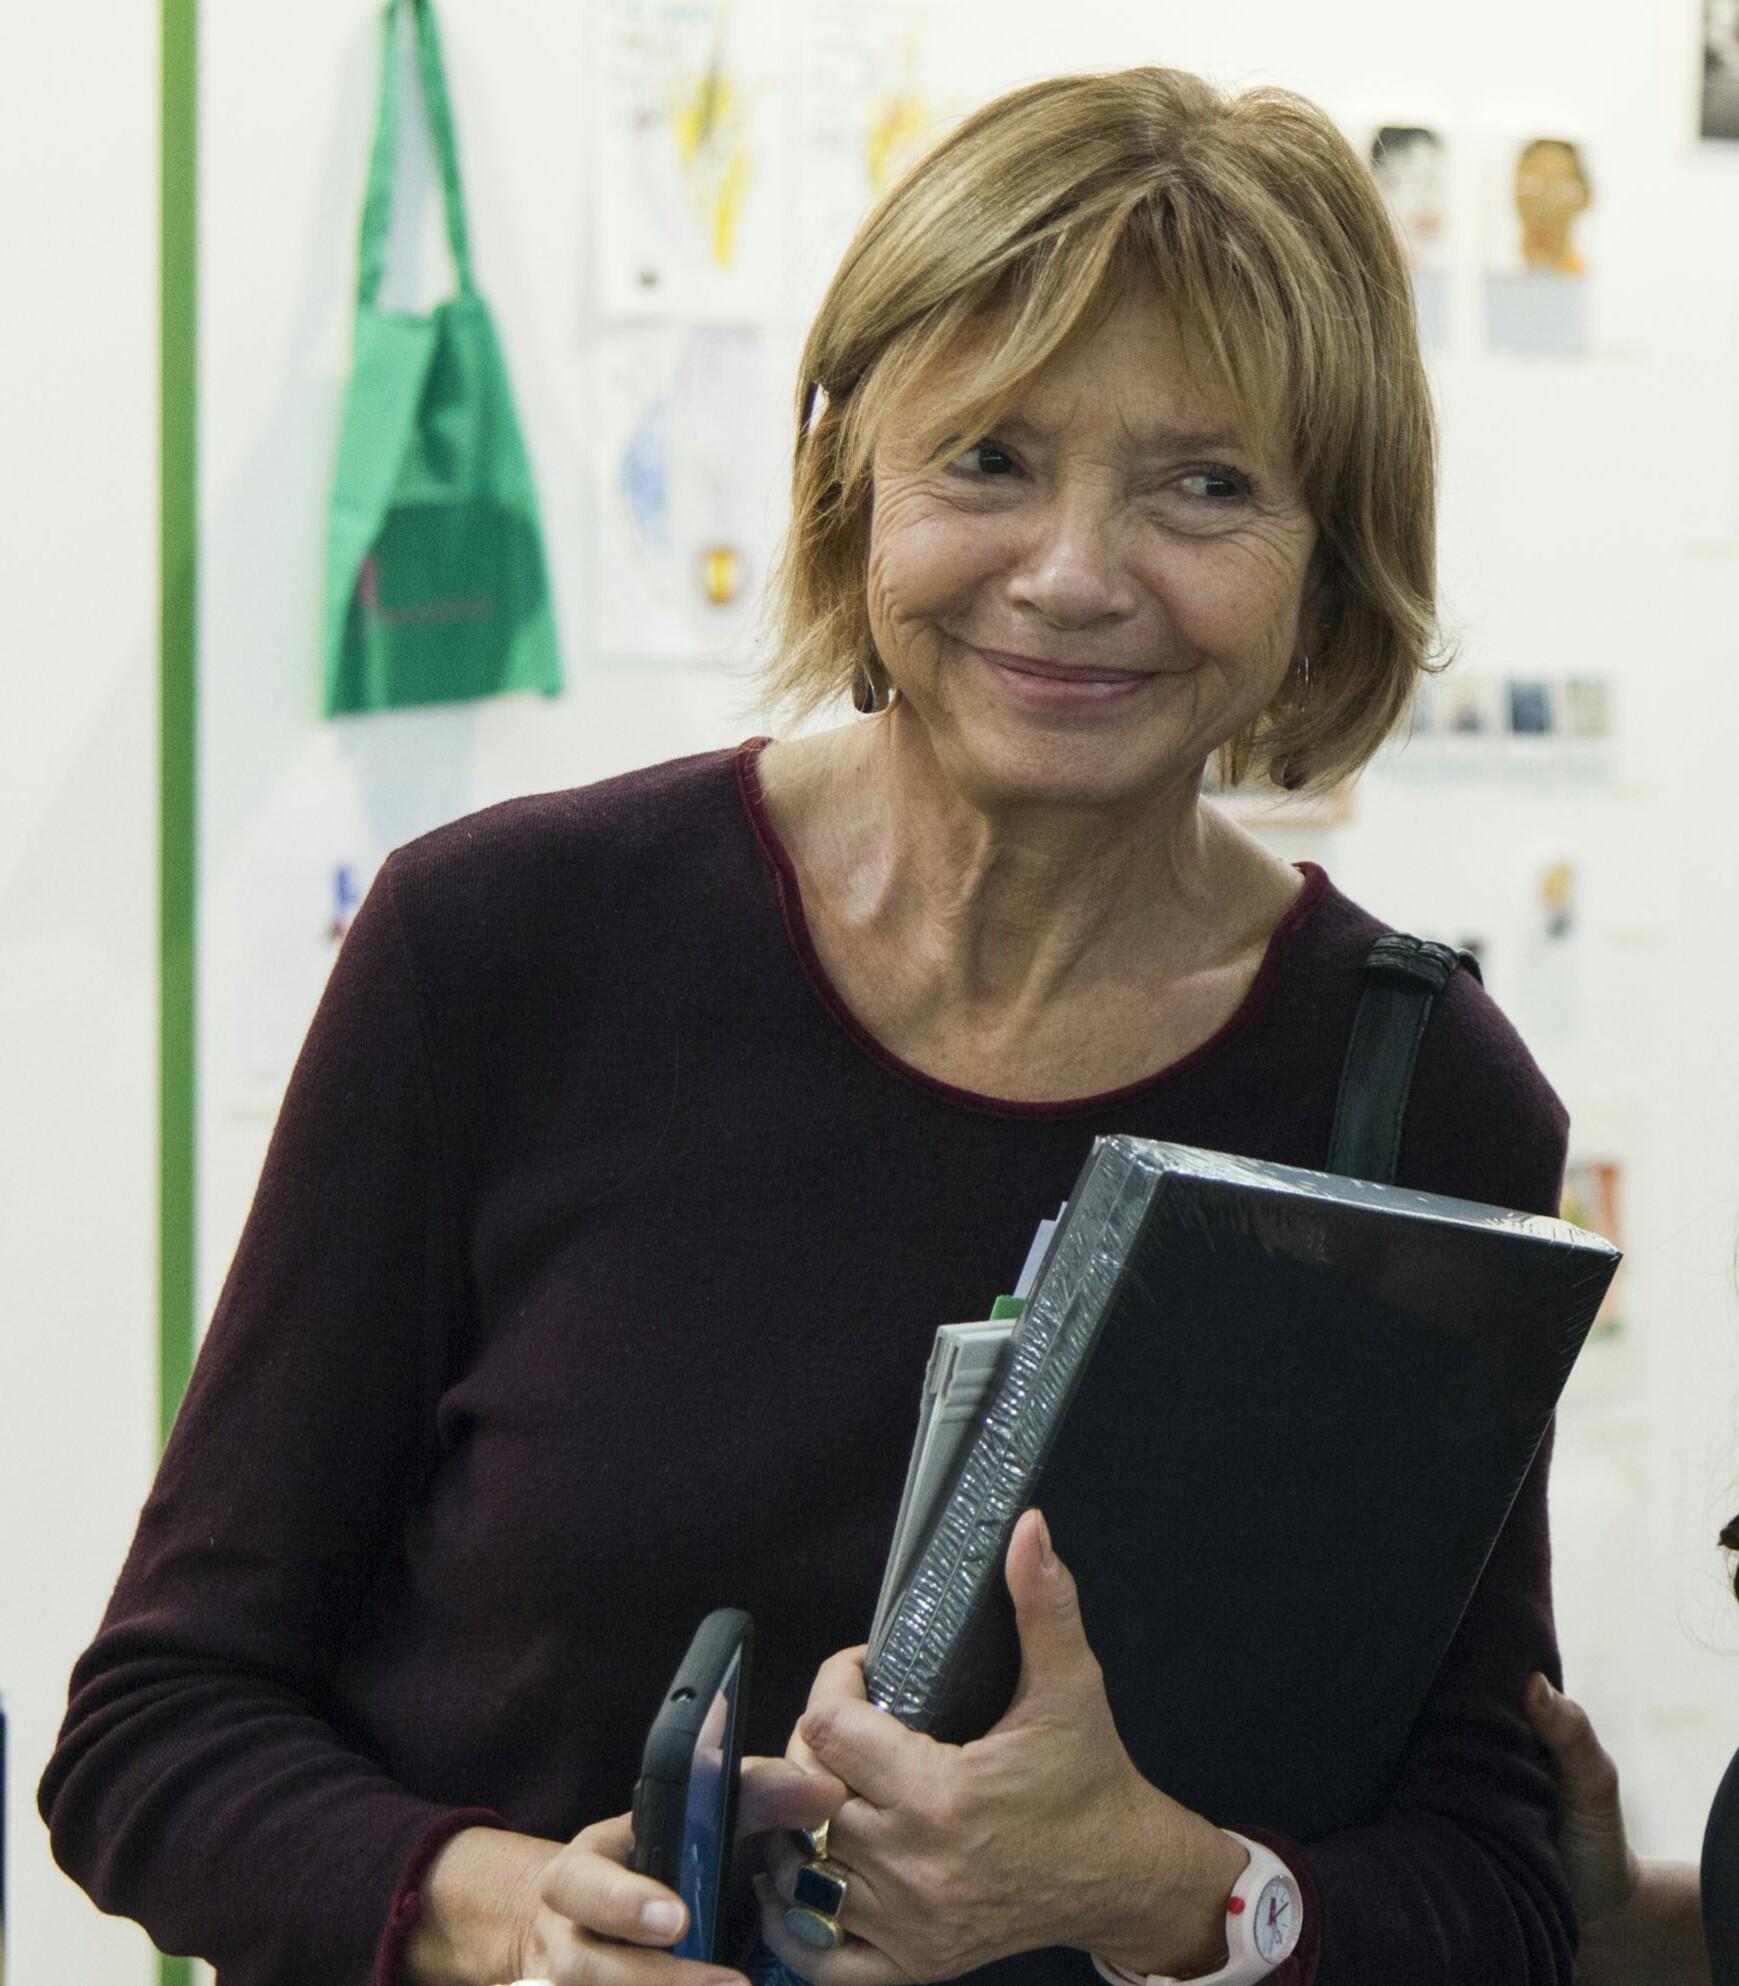 Adriana Polveroni